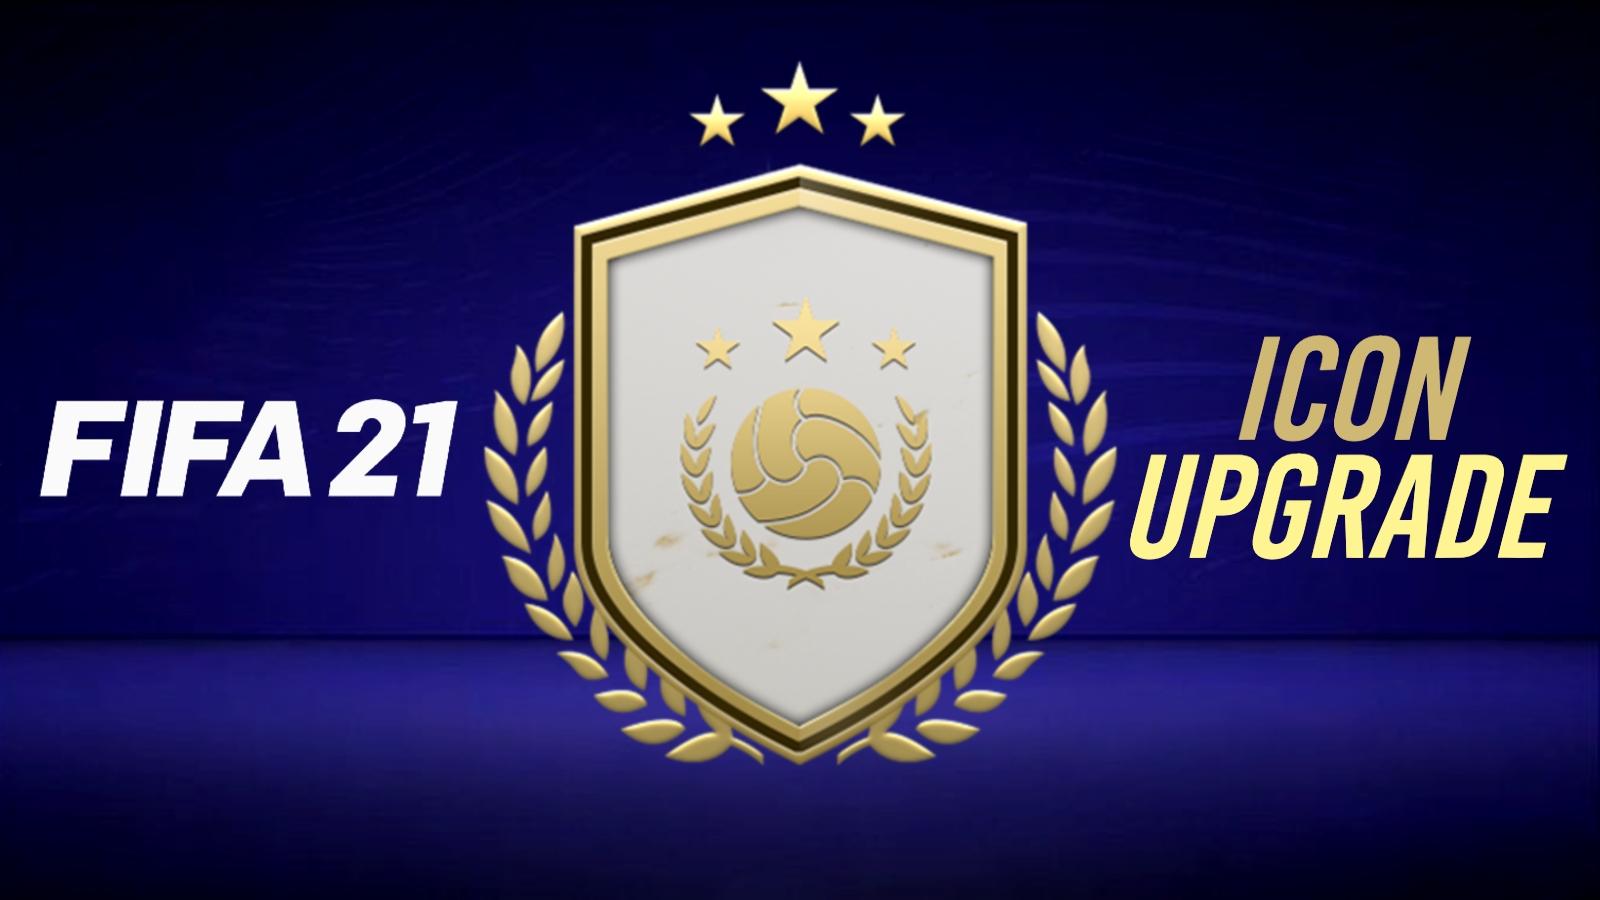 FIFA 21 mid prime icon upgrade SBC